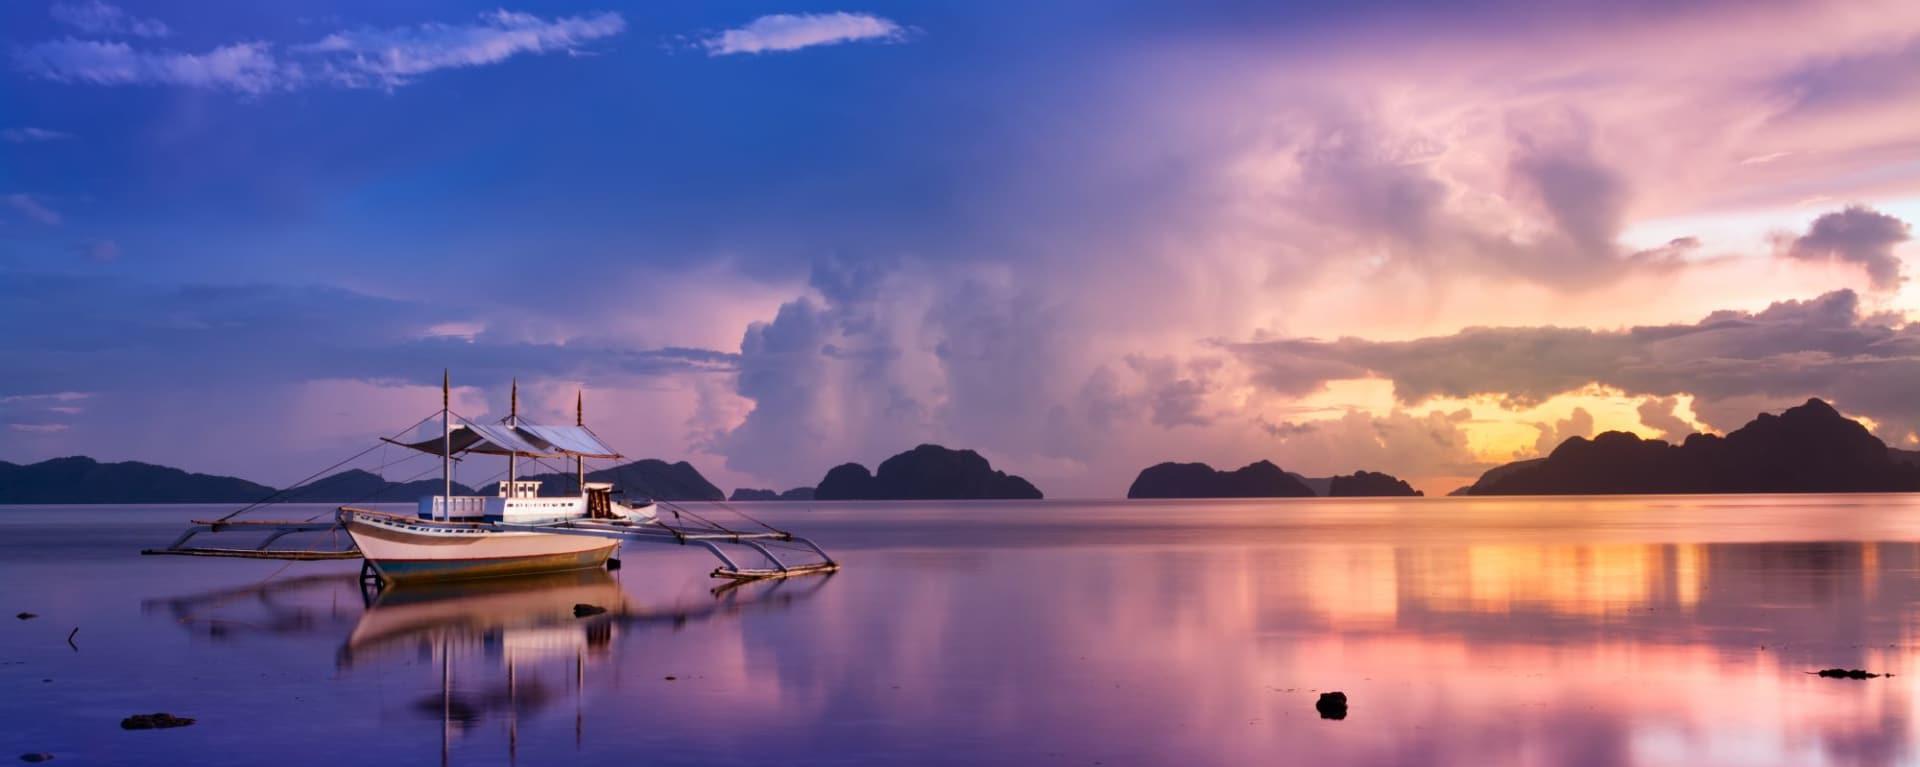 Traumhaftes Palawan: Palawan El Nido tropical sunset with a banca boat